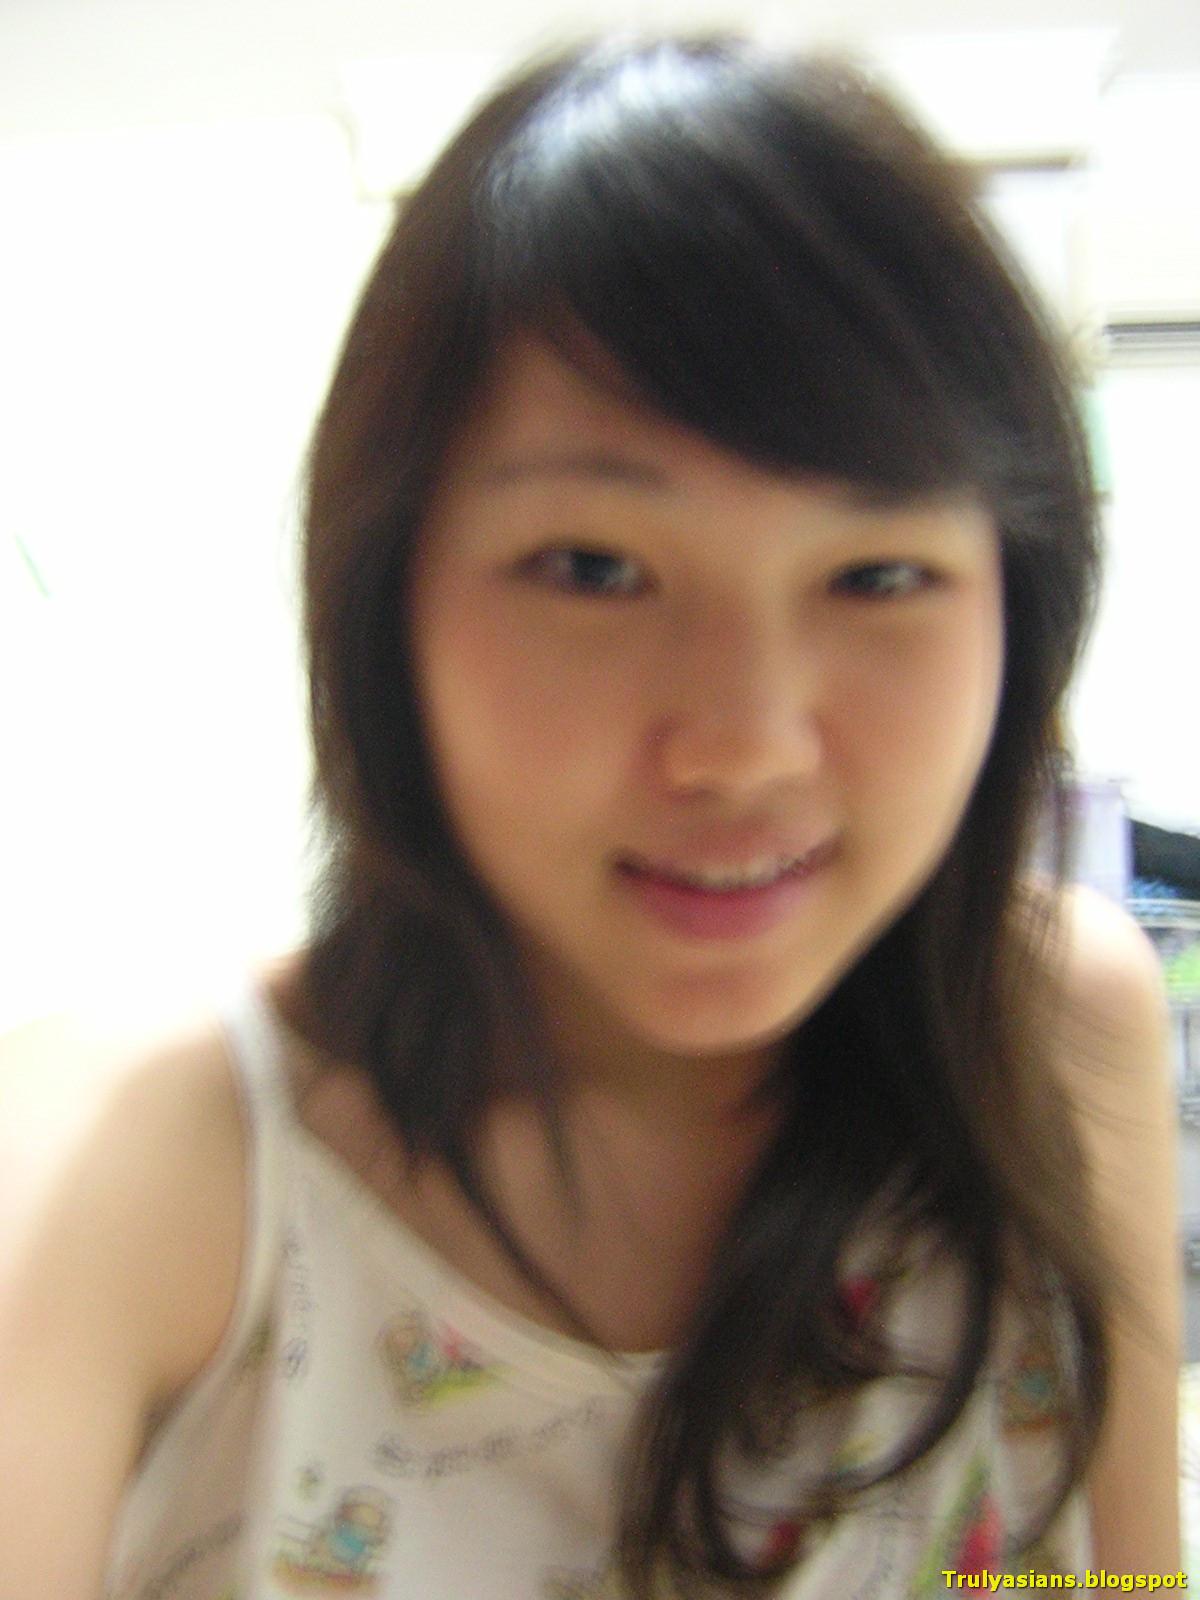 2 bp blogspot FSFV GLtLck Ufwy8Ece3RI AAAAAAAAD64 ivrCApRrh7g s1600 trulyasians blogspot Busty Indon Girl Nude 056